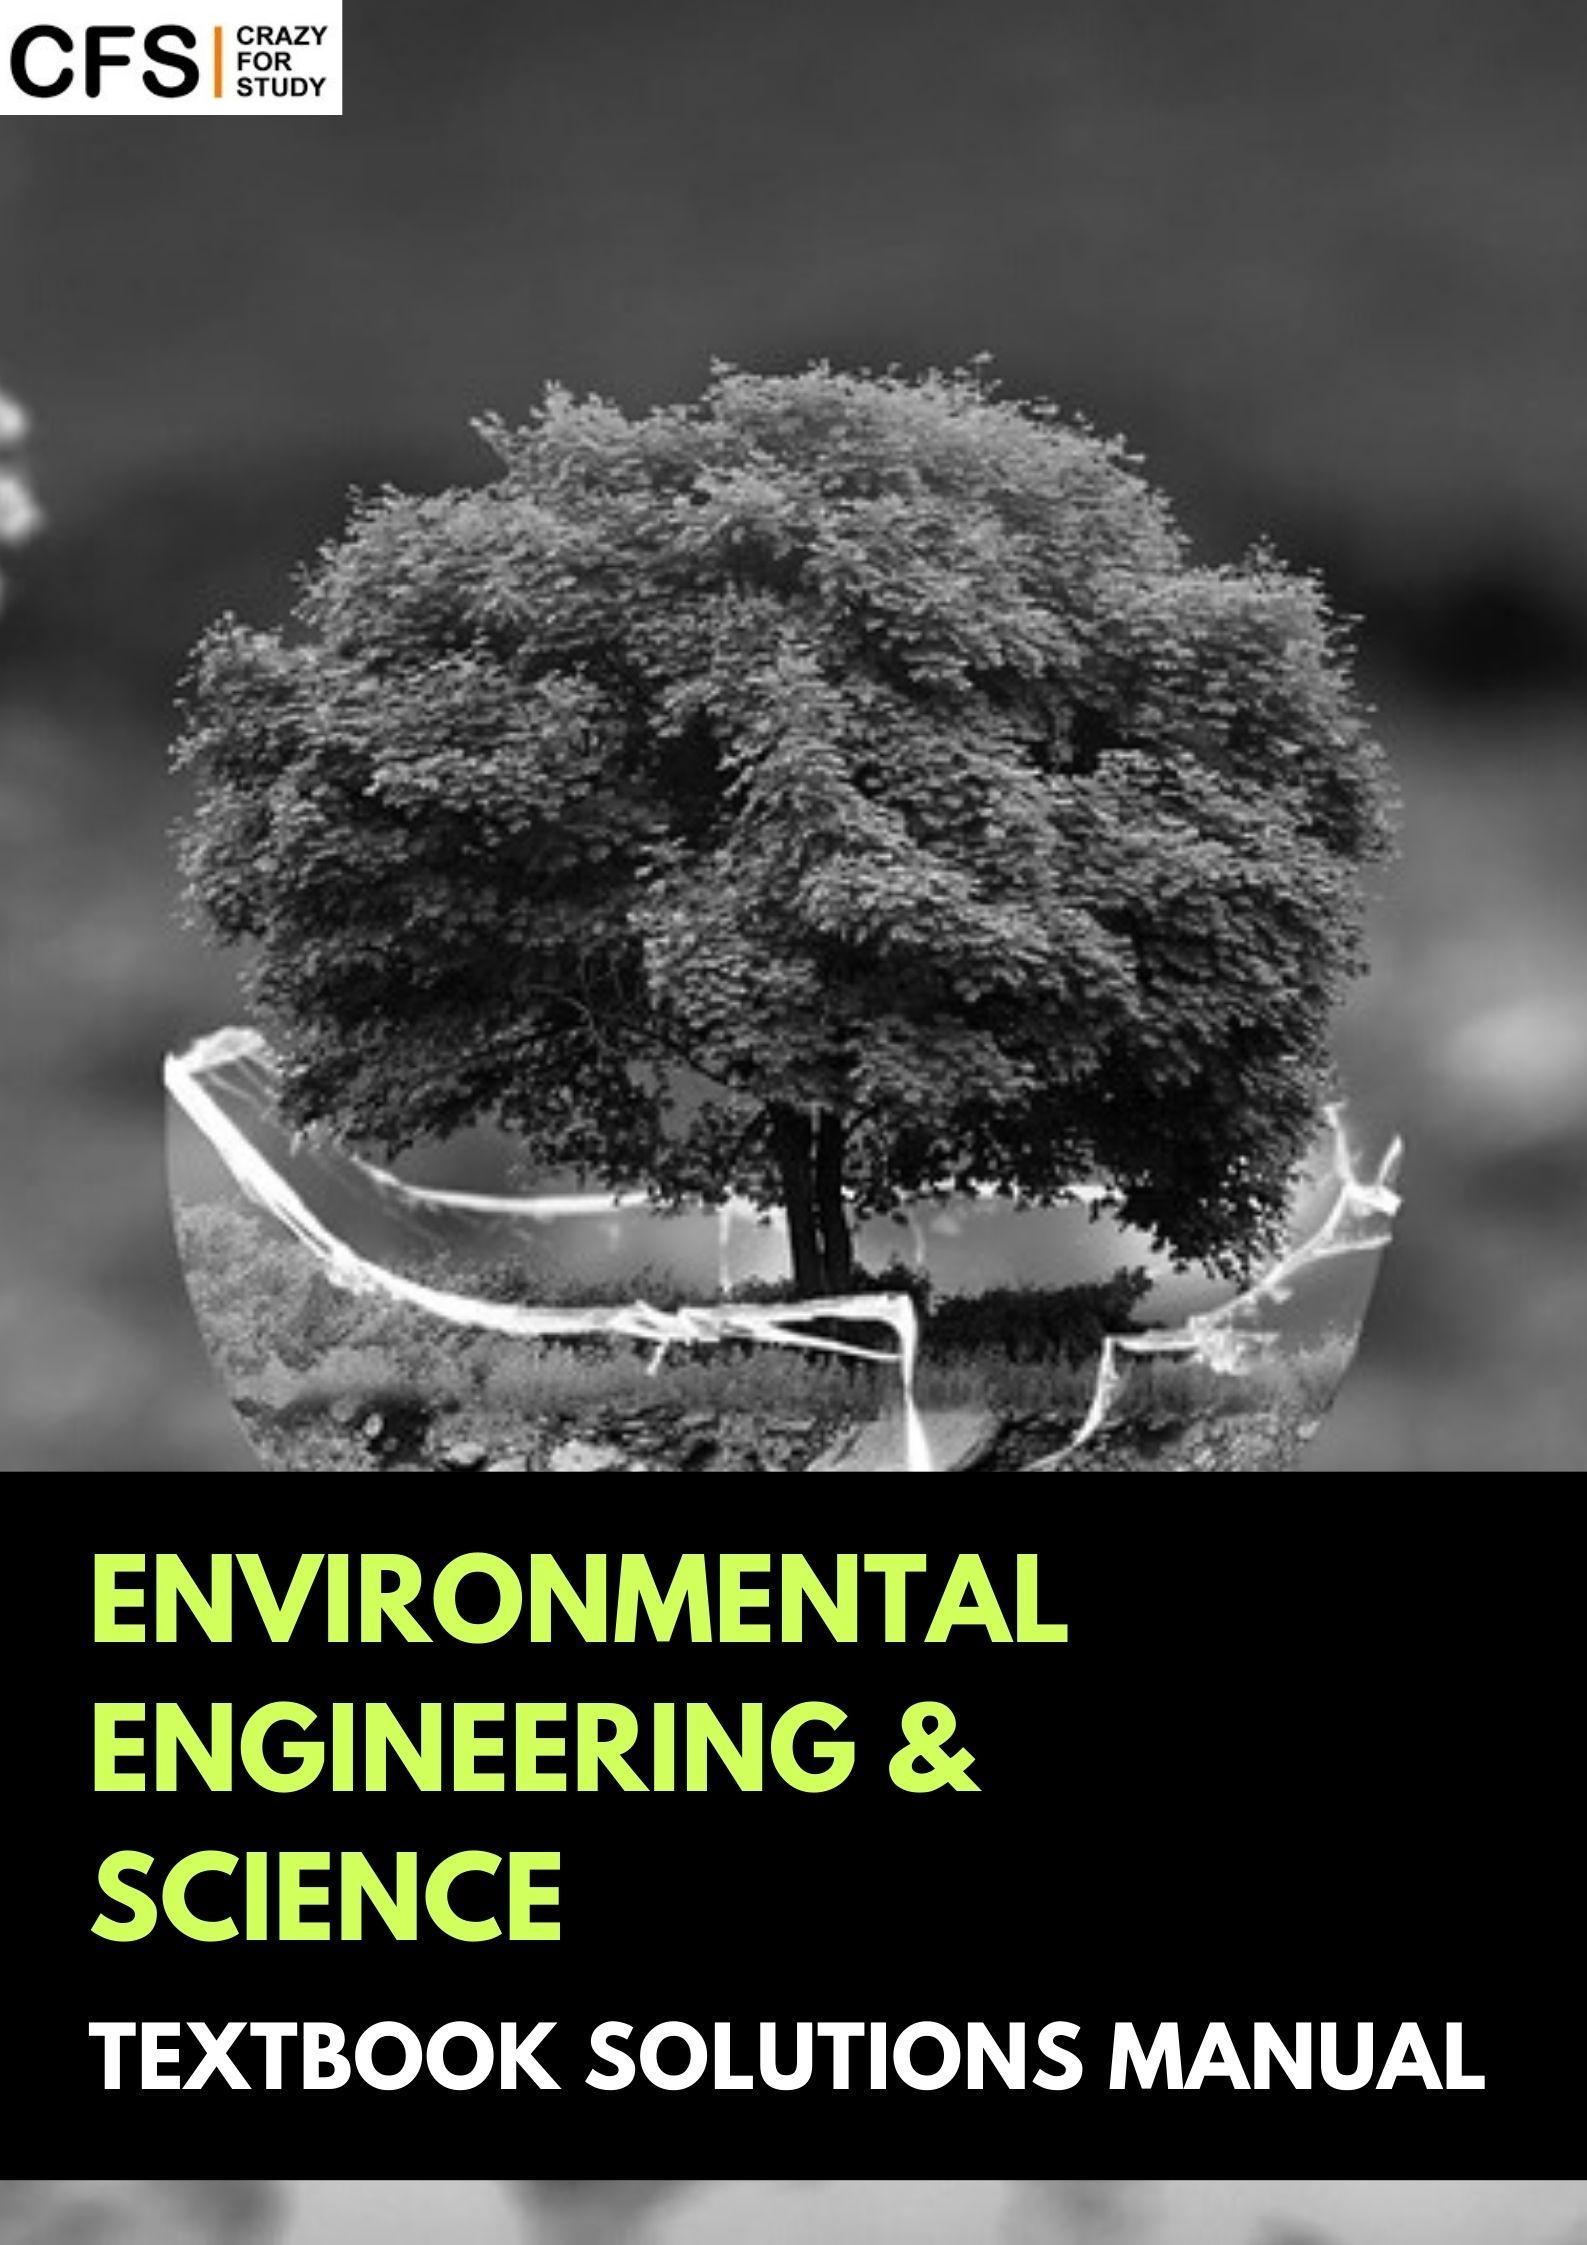 CFS Brings the Best Solutions Manual for Environmental Engineering Geeks